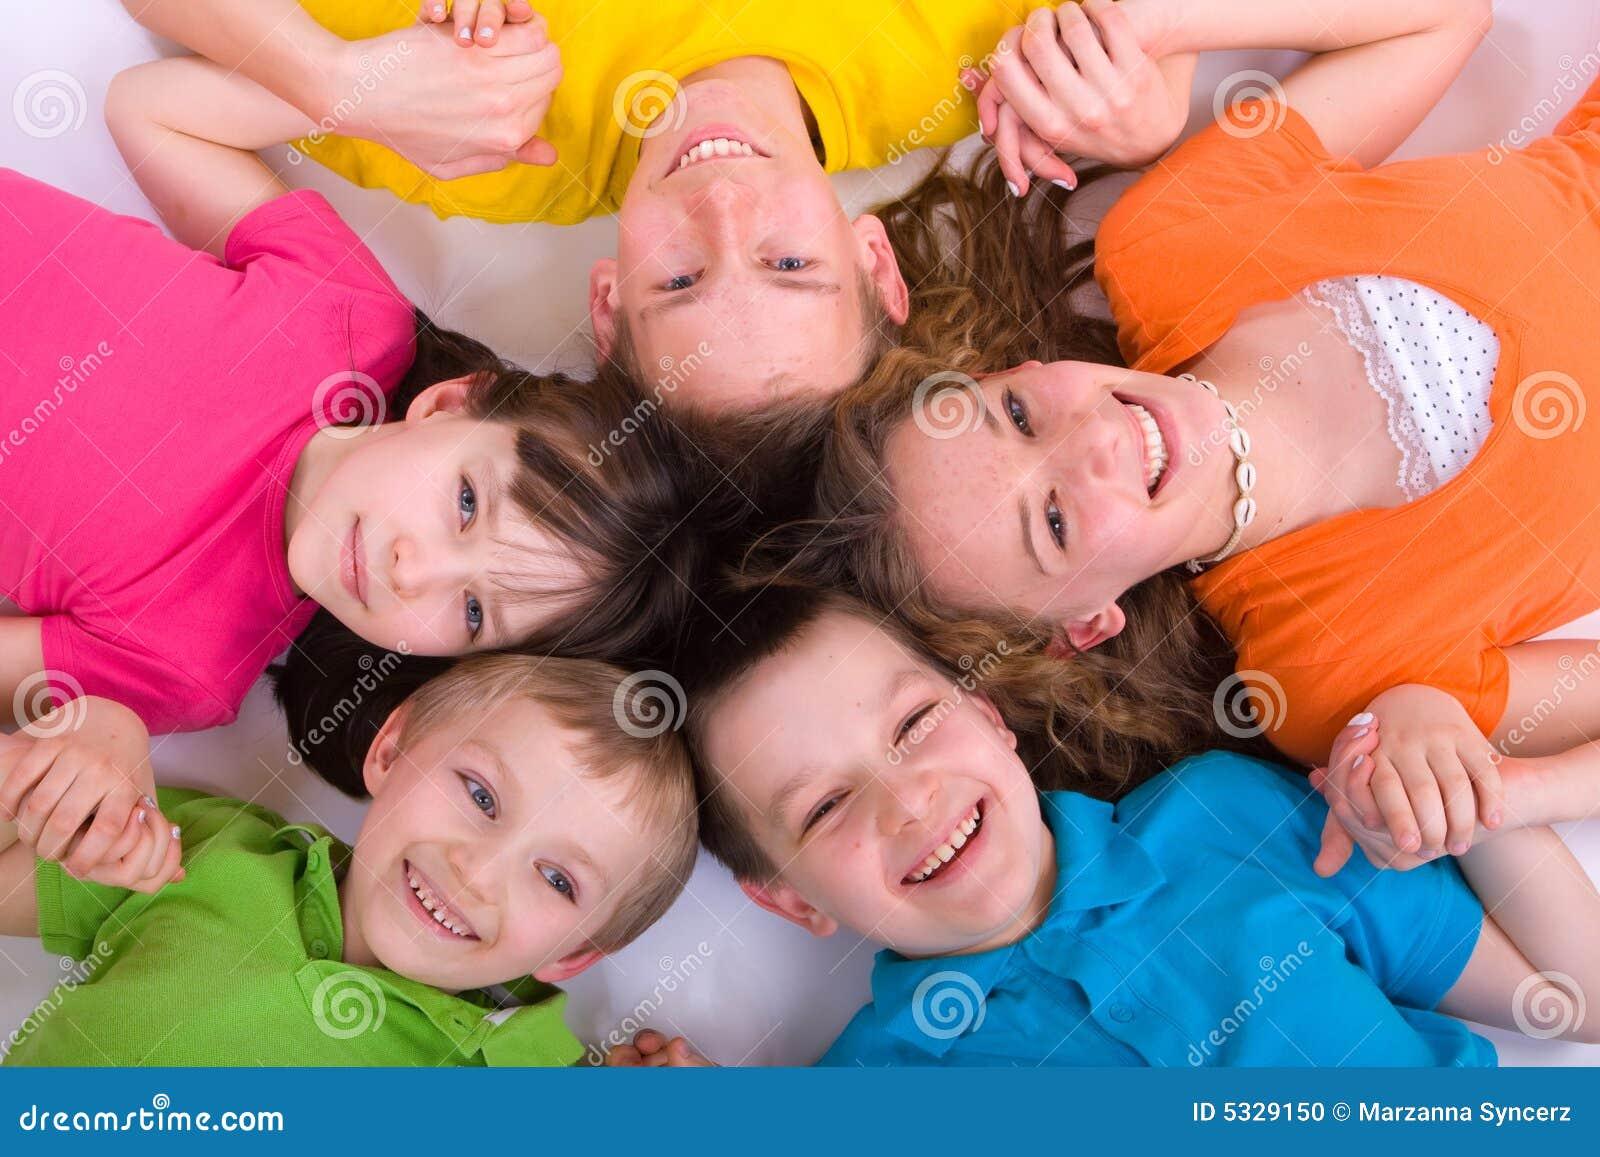 The Children - The Children